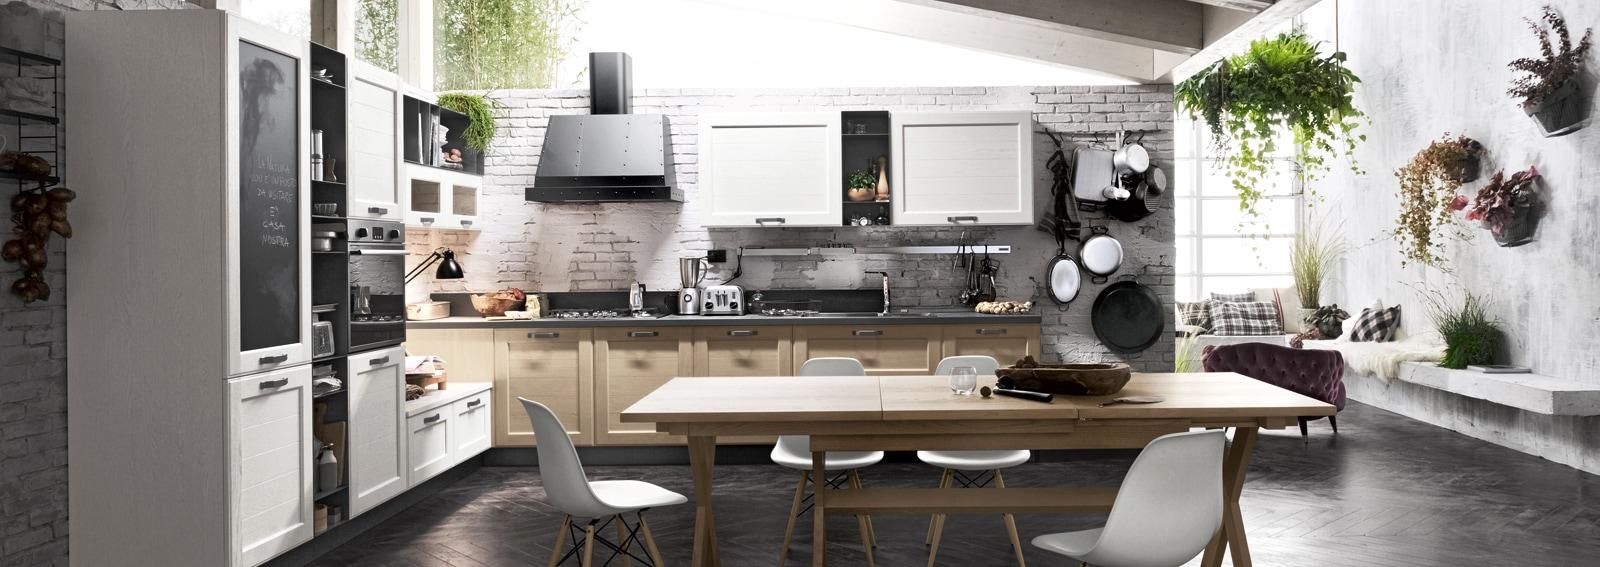 Marche Cucine Moderne. Cucine Moderne Grigie Modelli Delle Migliori ...